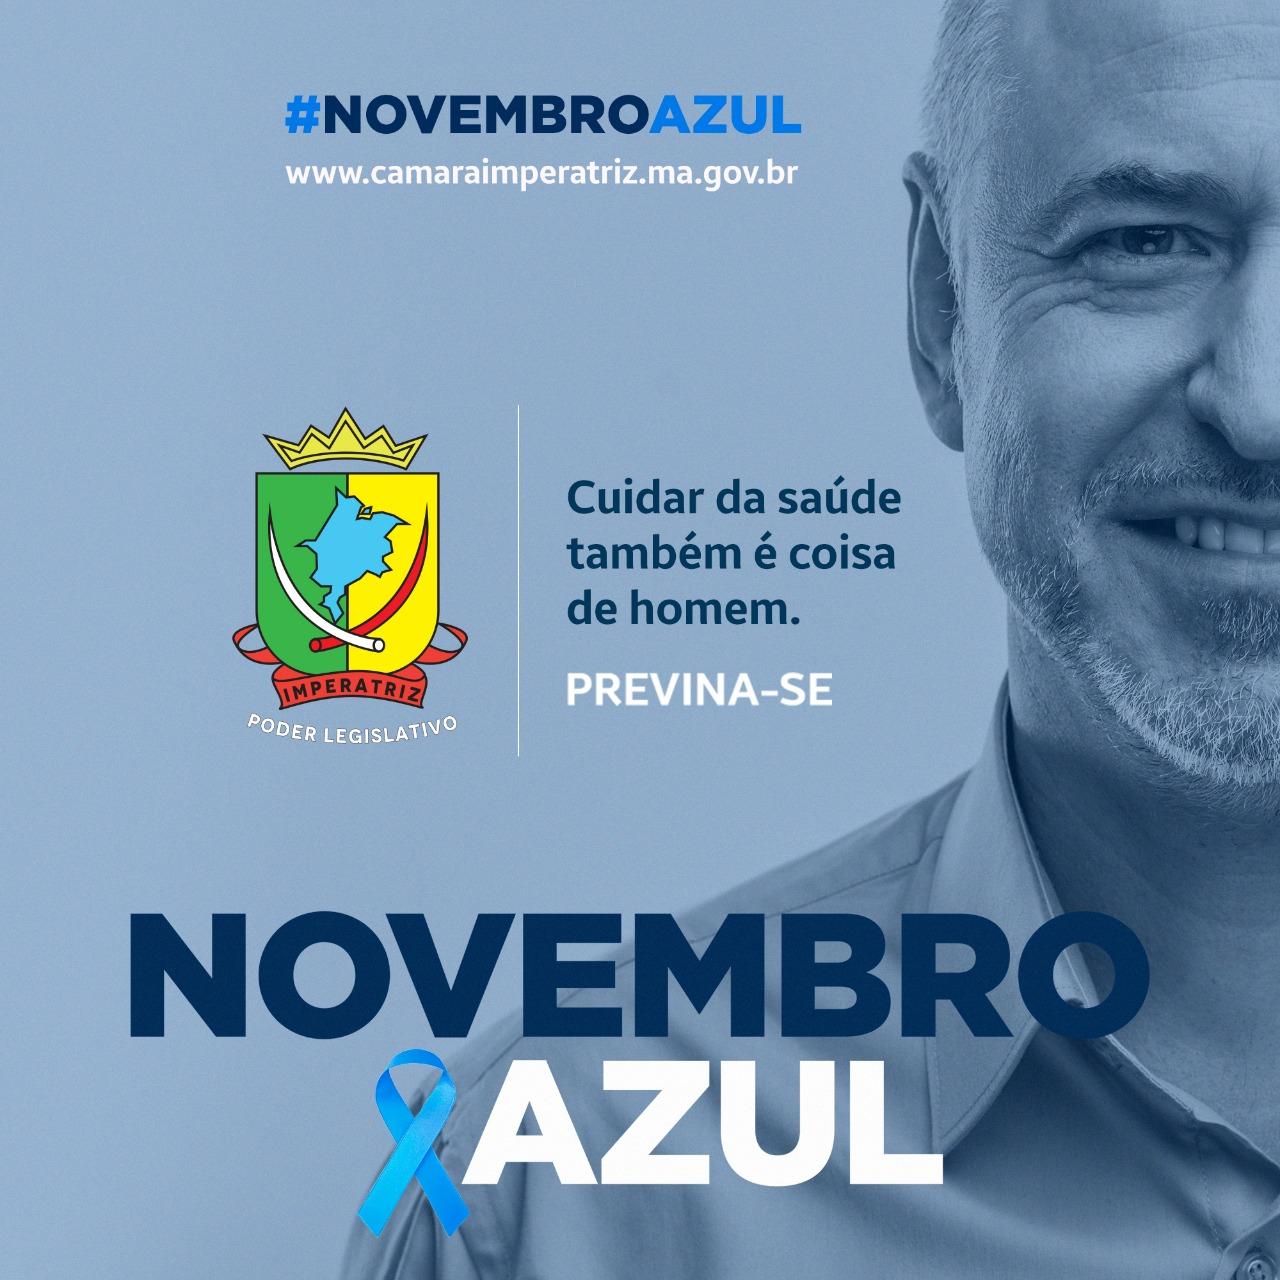 Câmara municipal - Novembro Azul